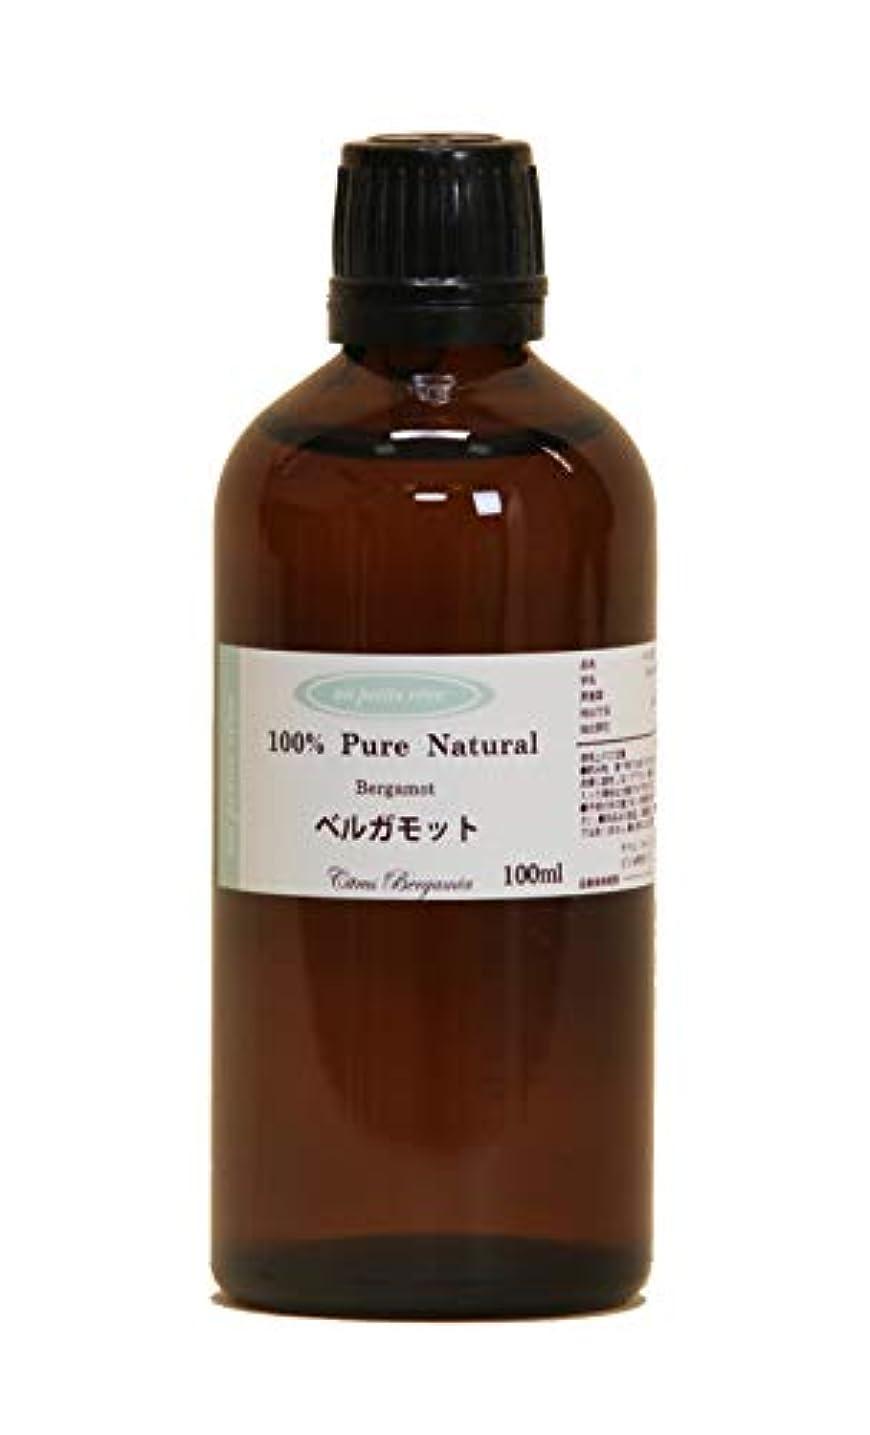 刑務所大脳不快なベルガモット 100ml 100%天然アロマエッセンシャルオイル(精油)